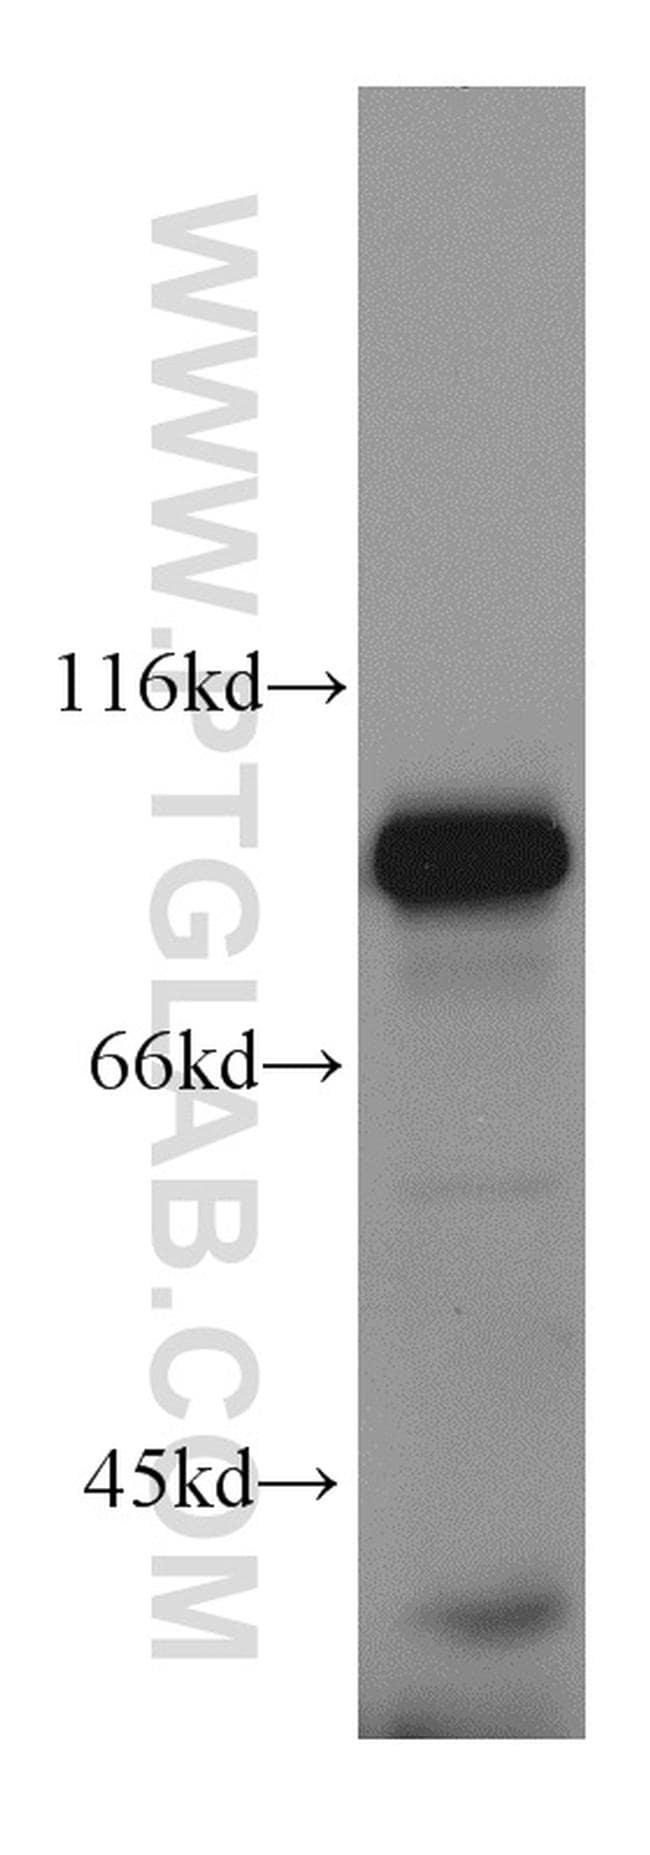 Mitofilin Antibody in Western Blot (WB)